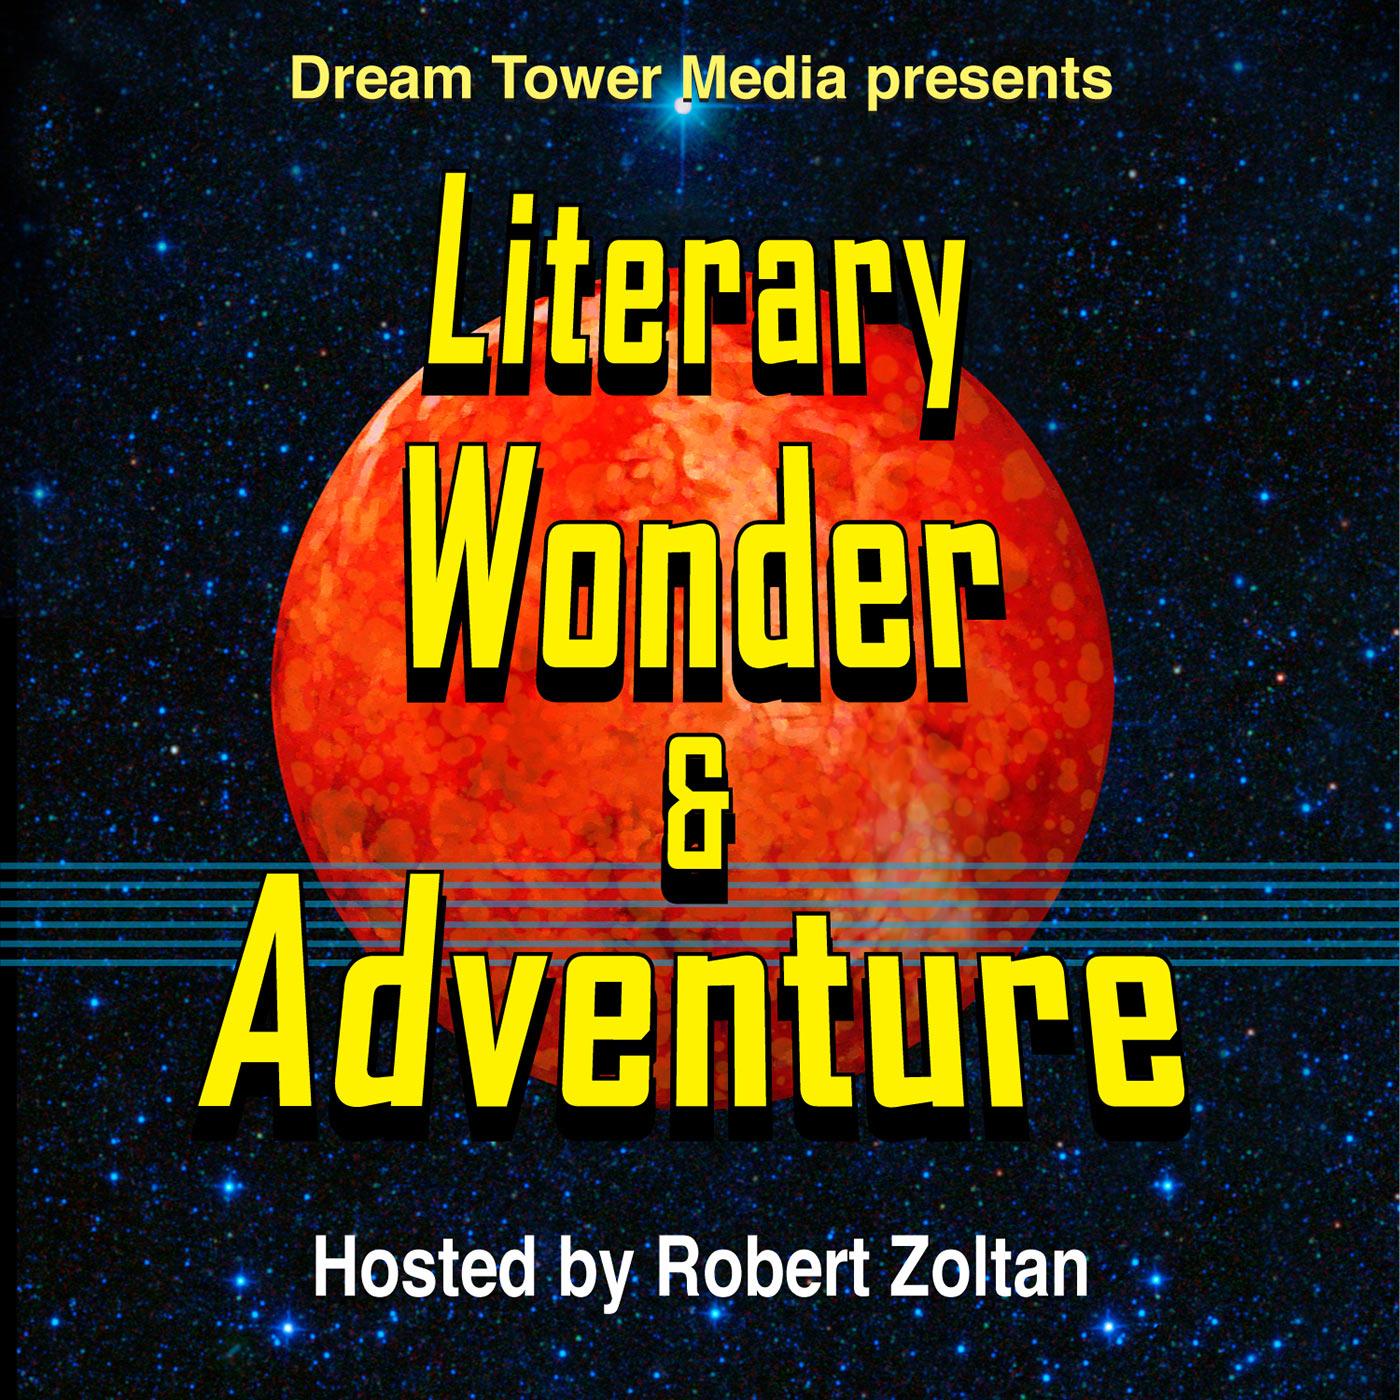 Literary Wonder & Adventure Show show art